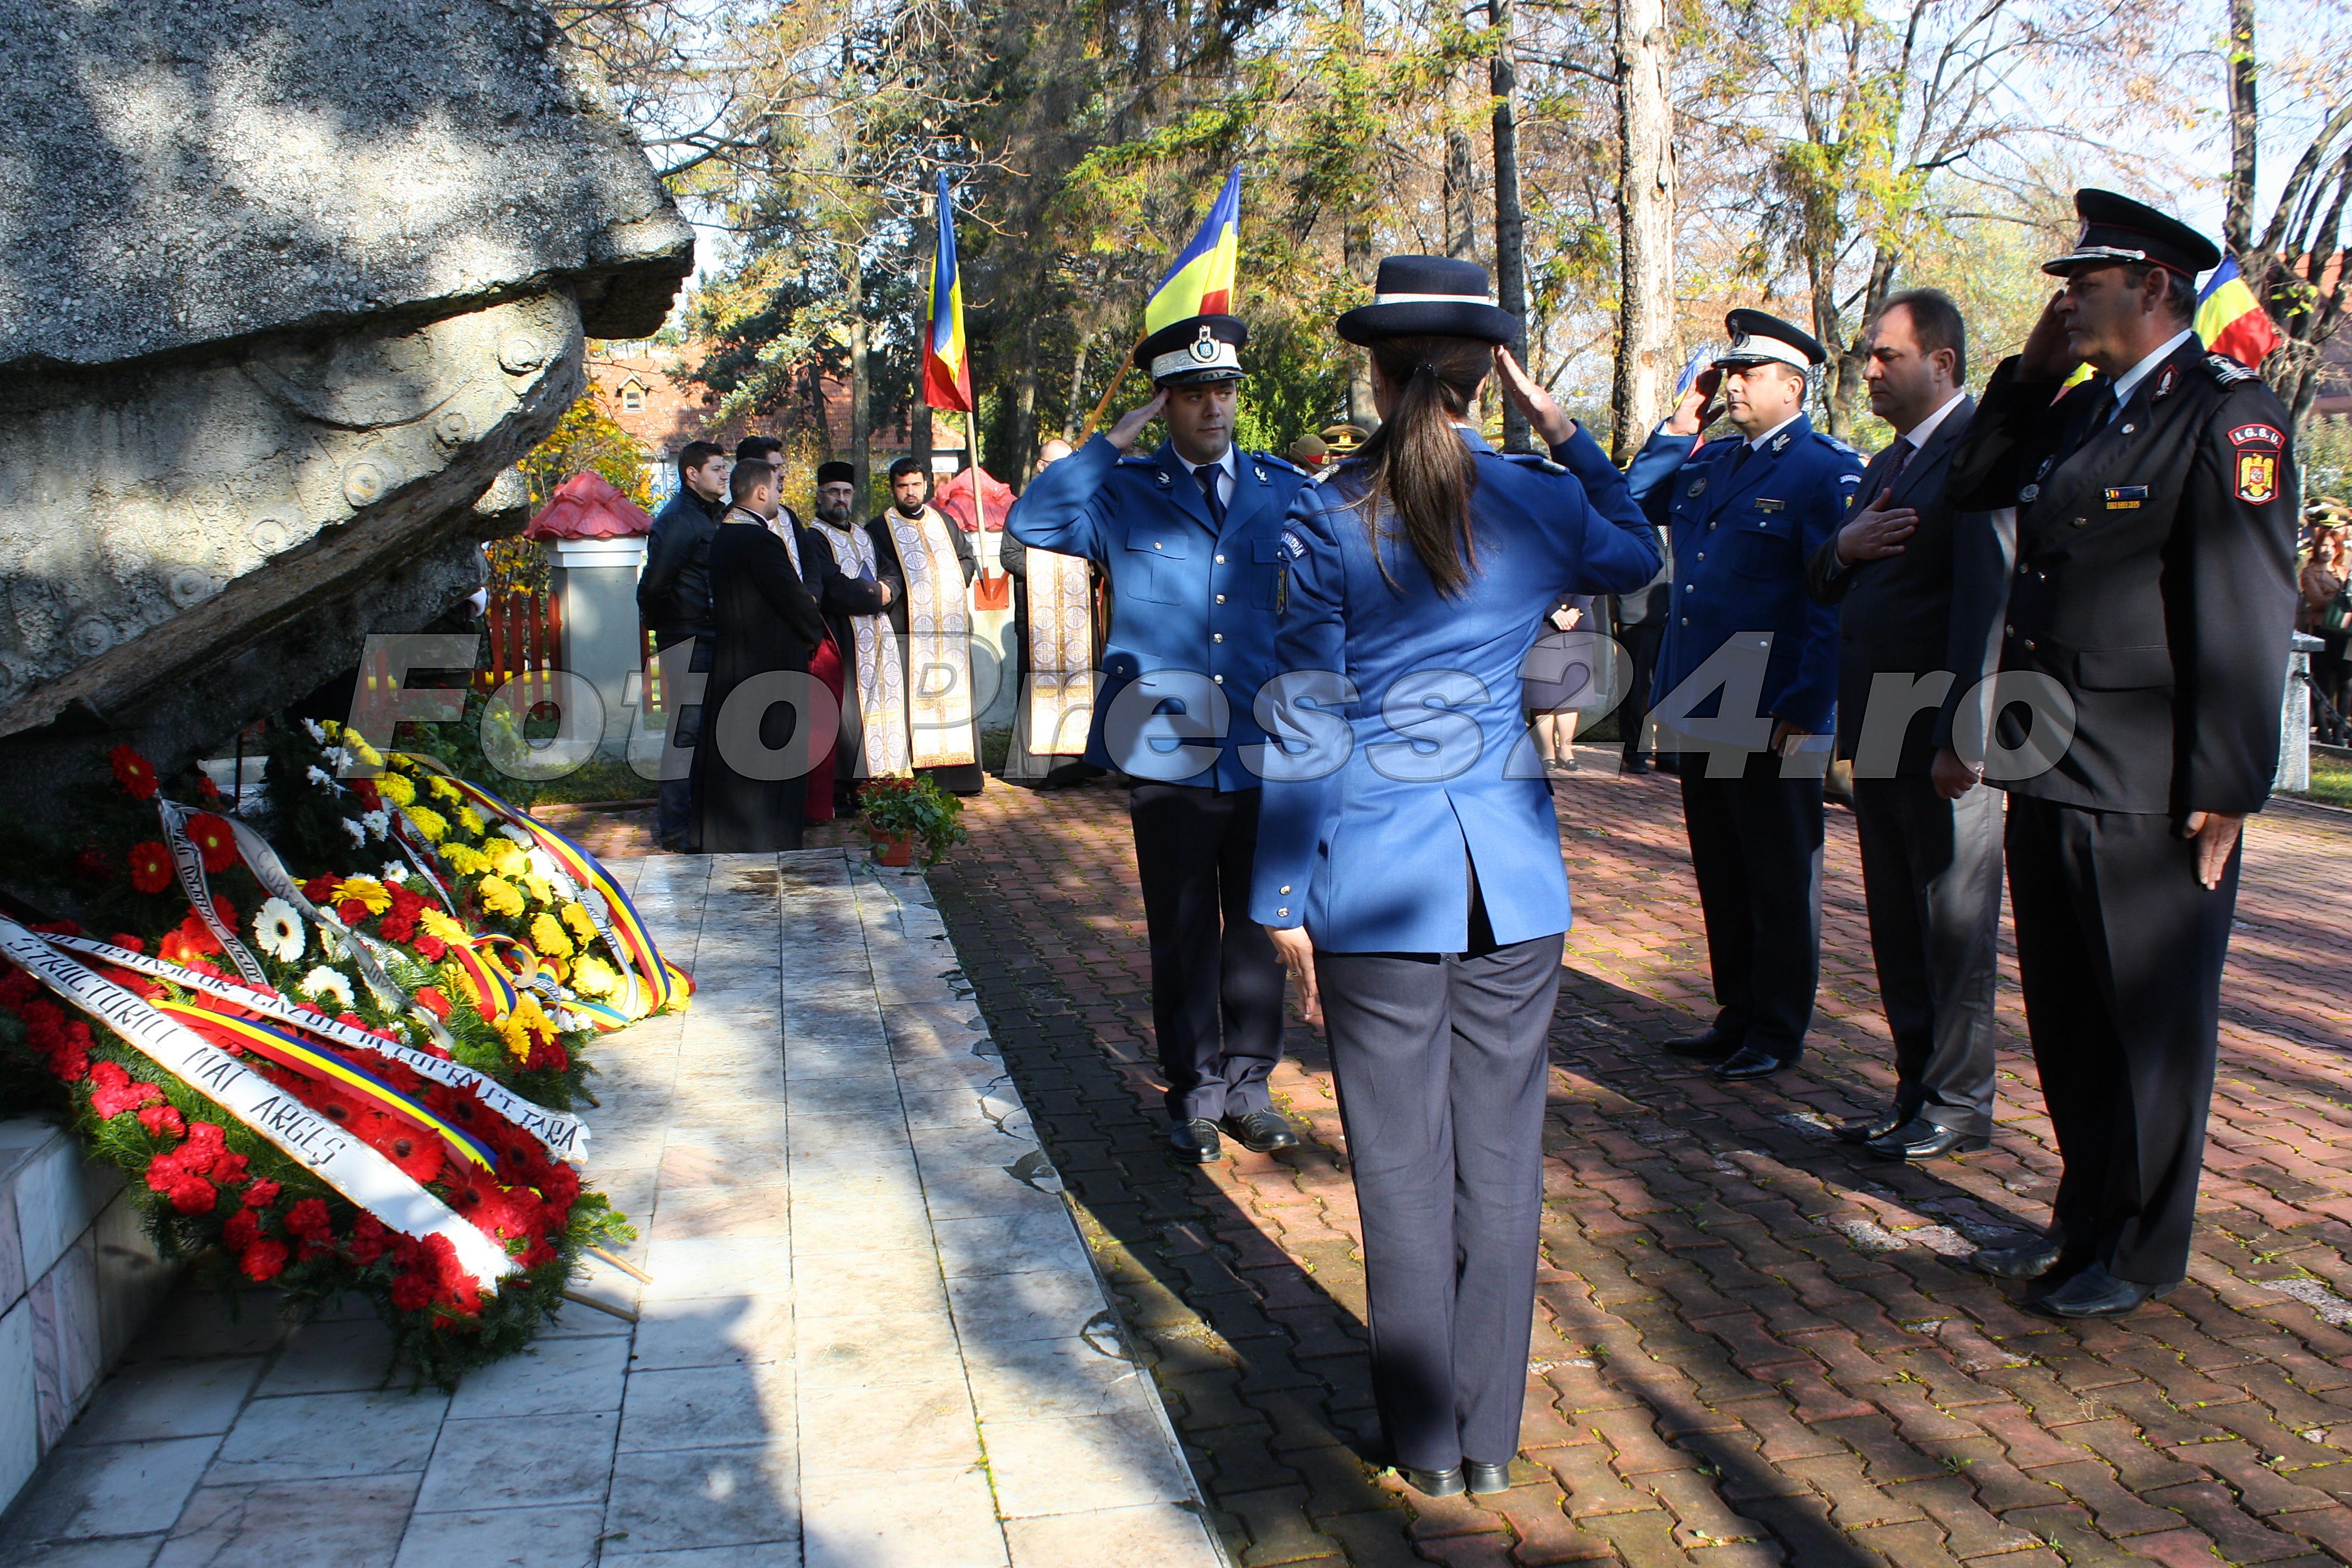 fotopress24.ro (20)